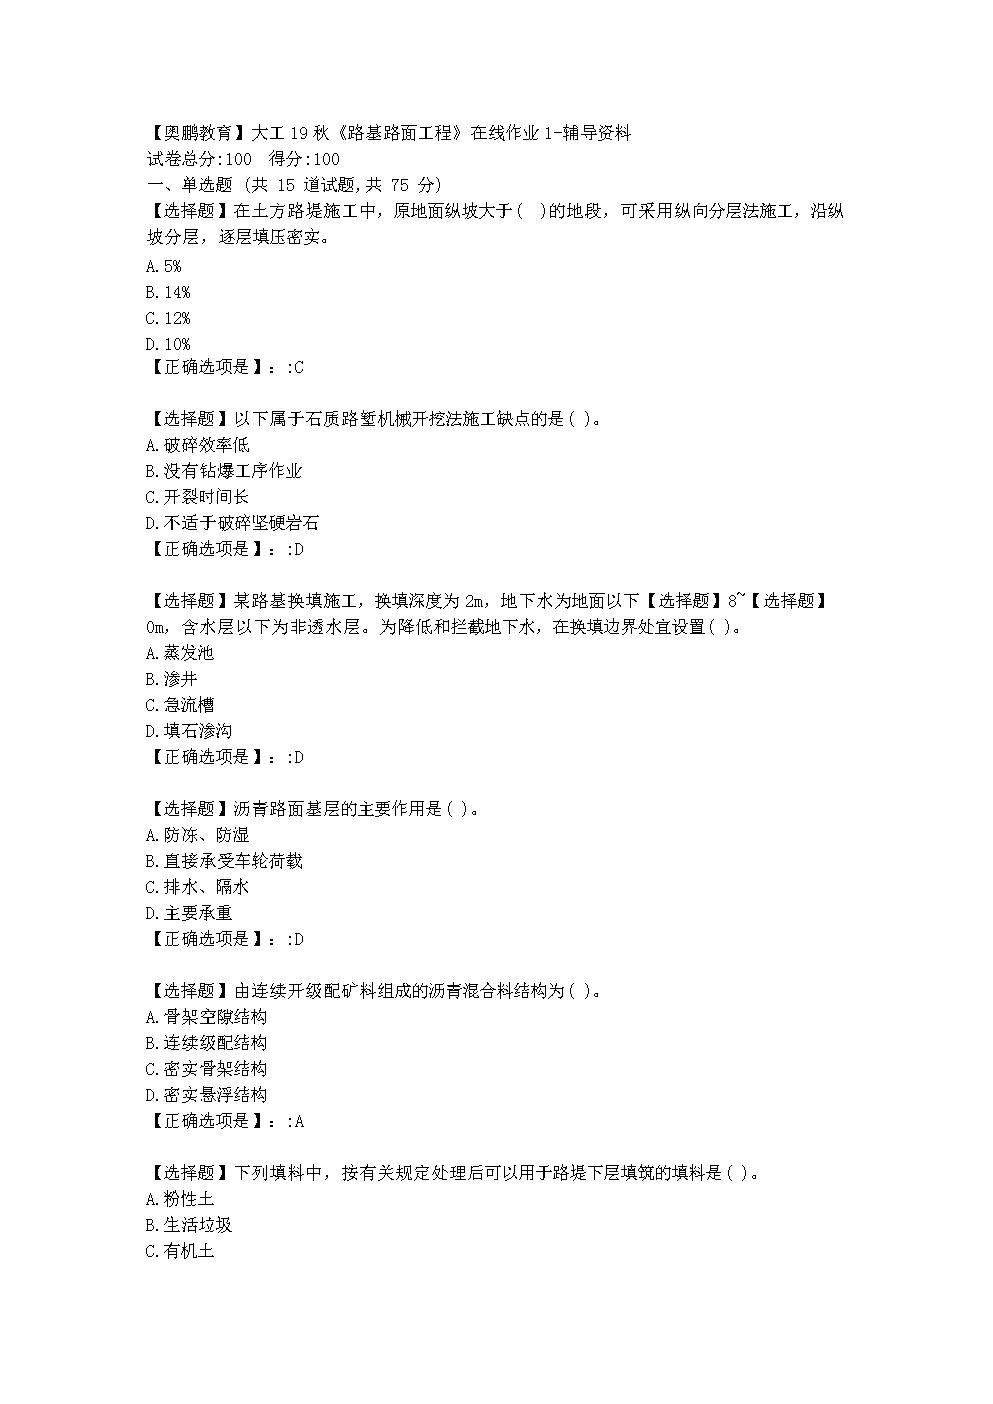 大连理工大学19秋《路基路面工程》在线作业1学习资料.doc